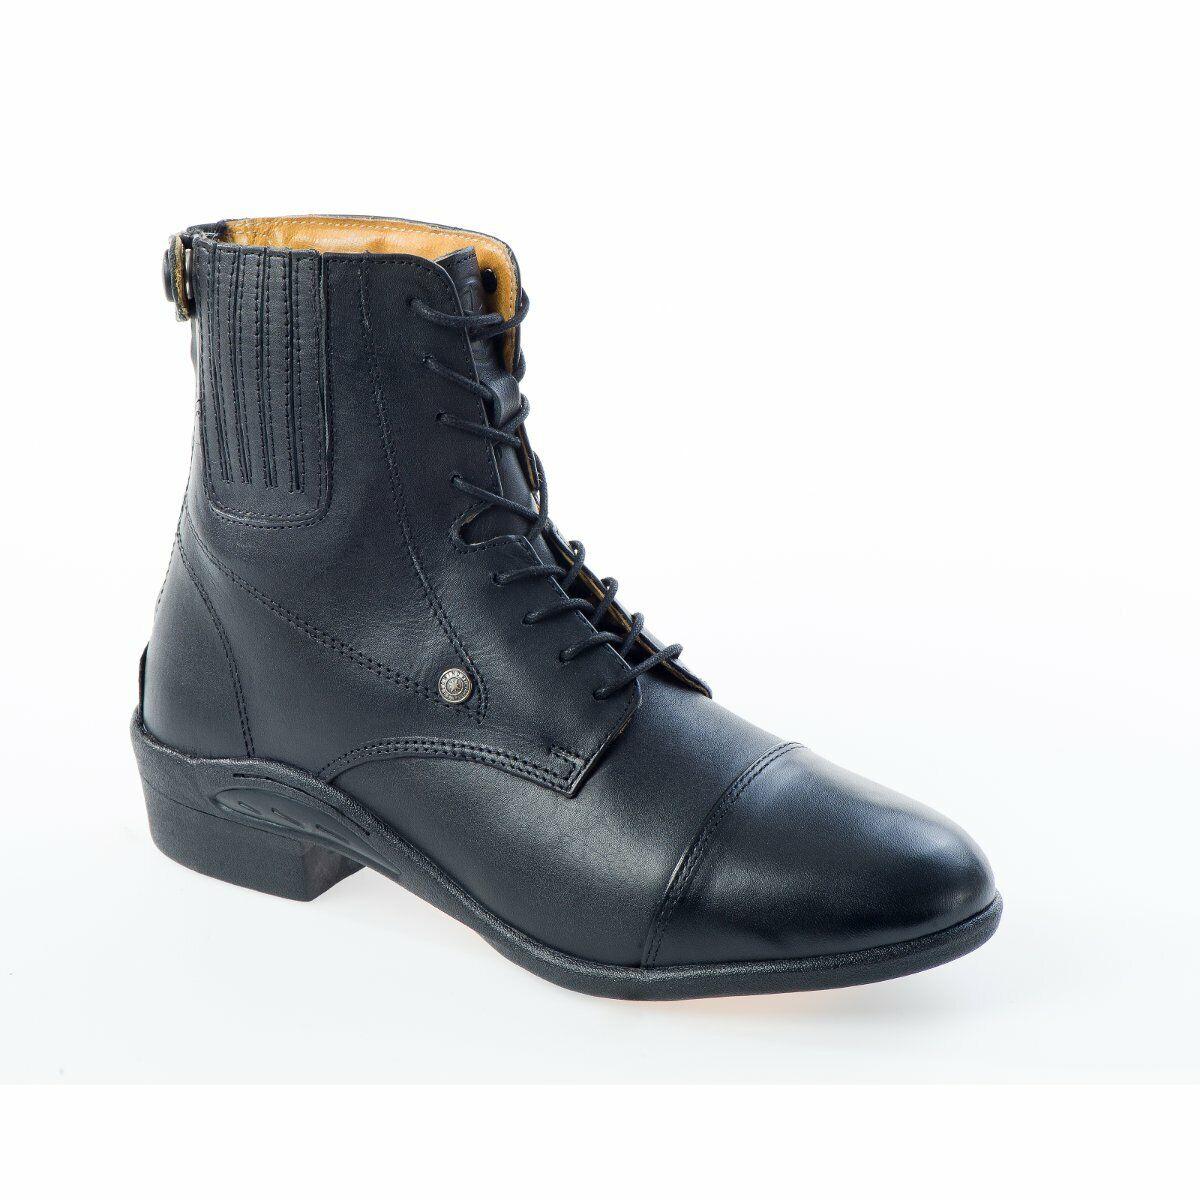 Suedwind Stivali Oxford Ultima Rs Pelle Nera MONTALA stivali stivali di pelle